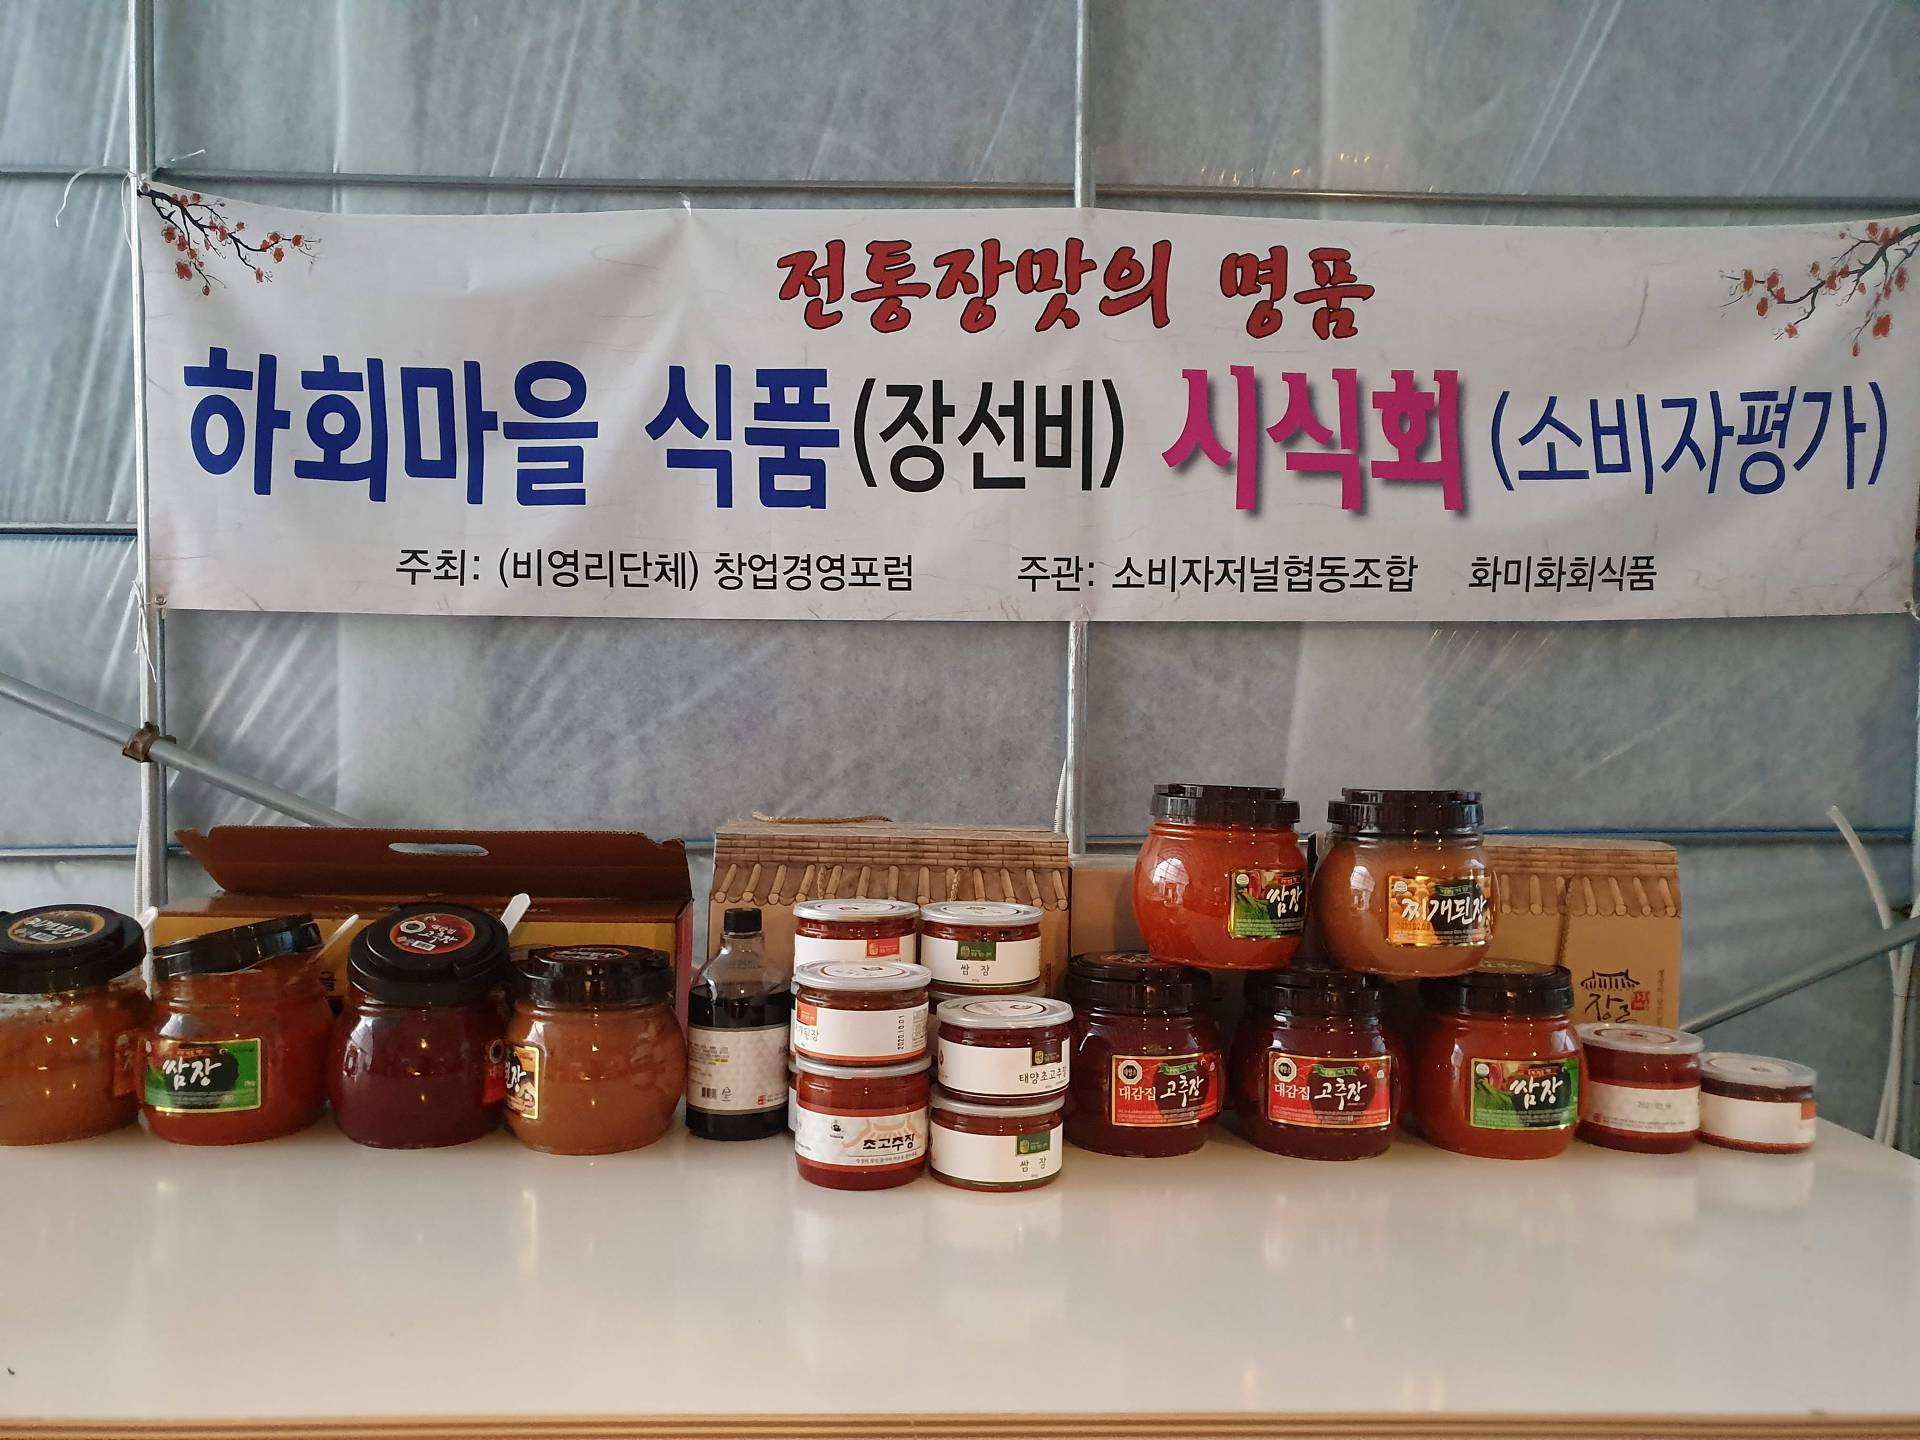 소비자저널협동조합, 시식회 열어(농업회사법인하회 주식회사)